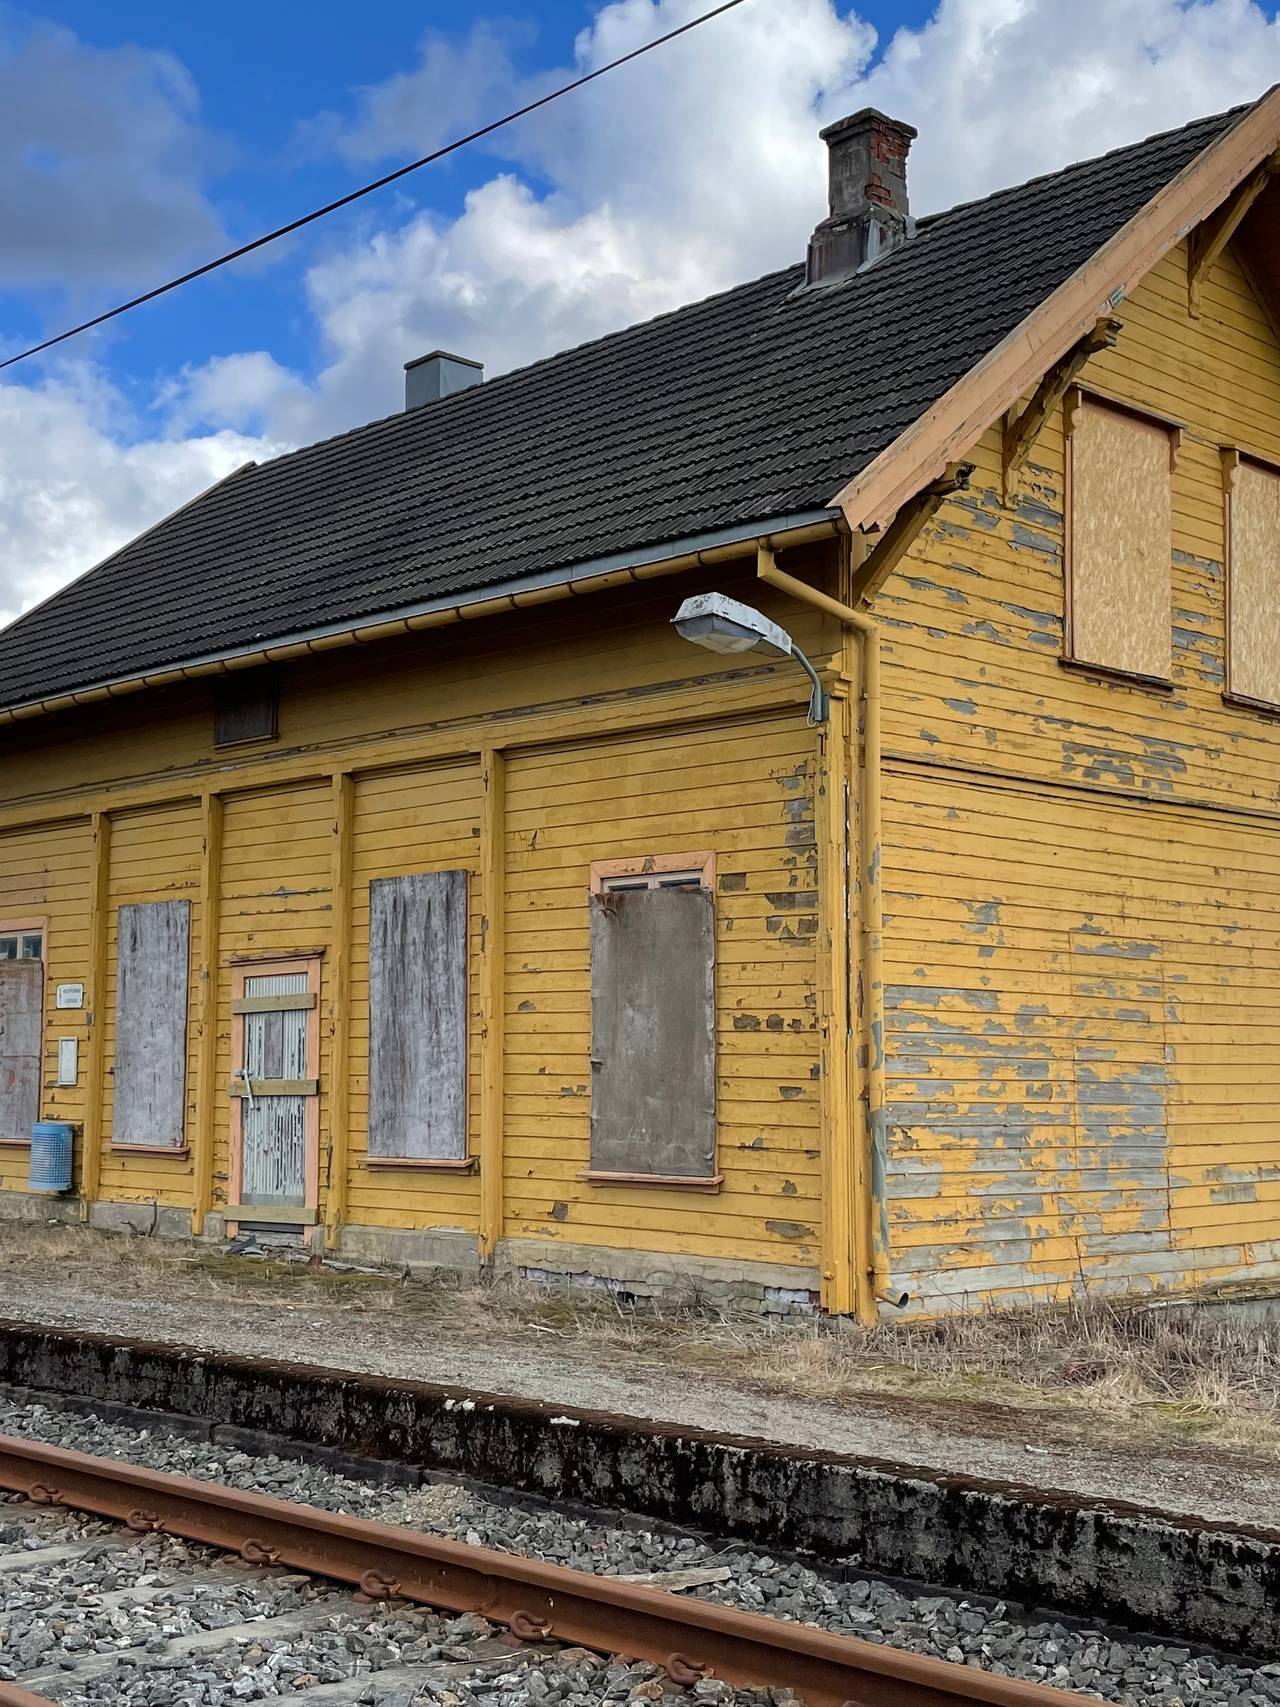 Gautestad stasjon